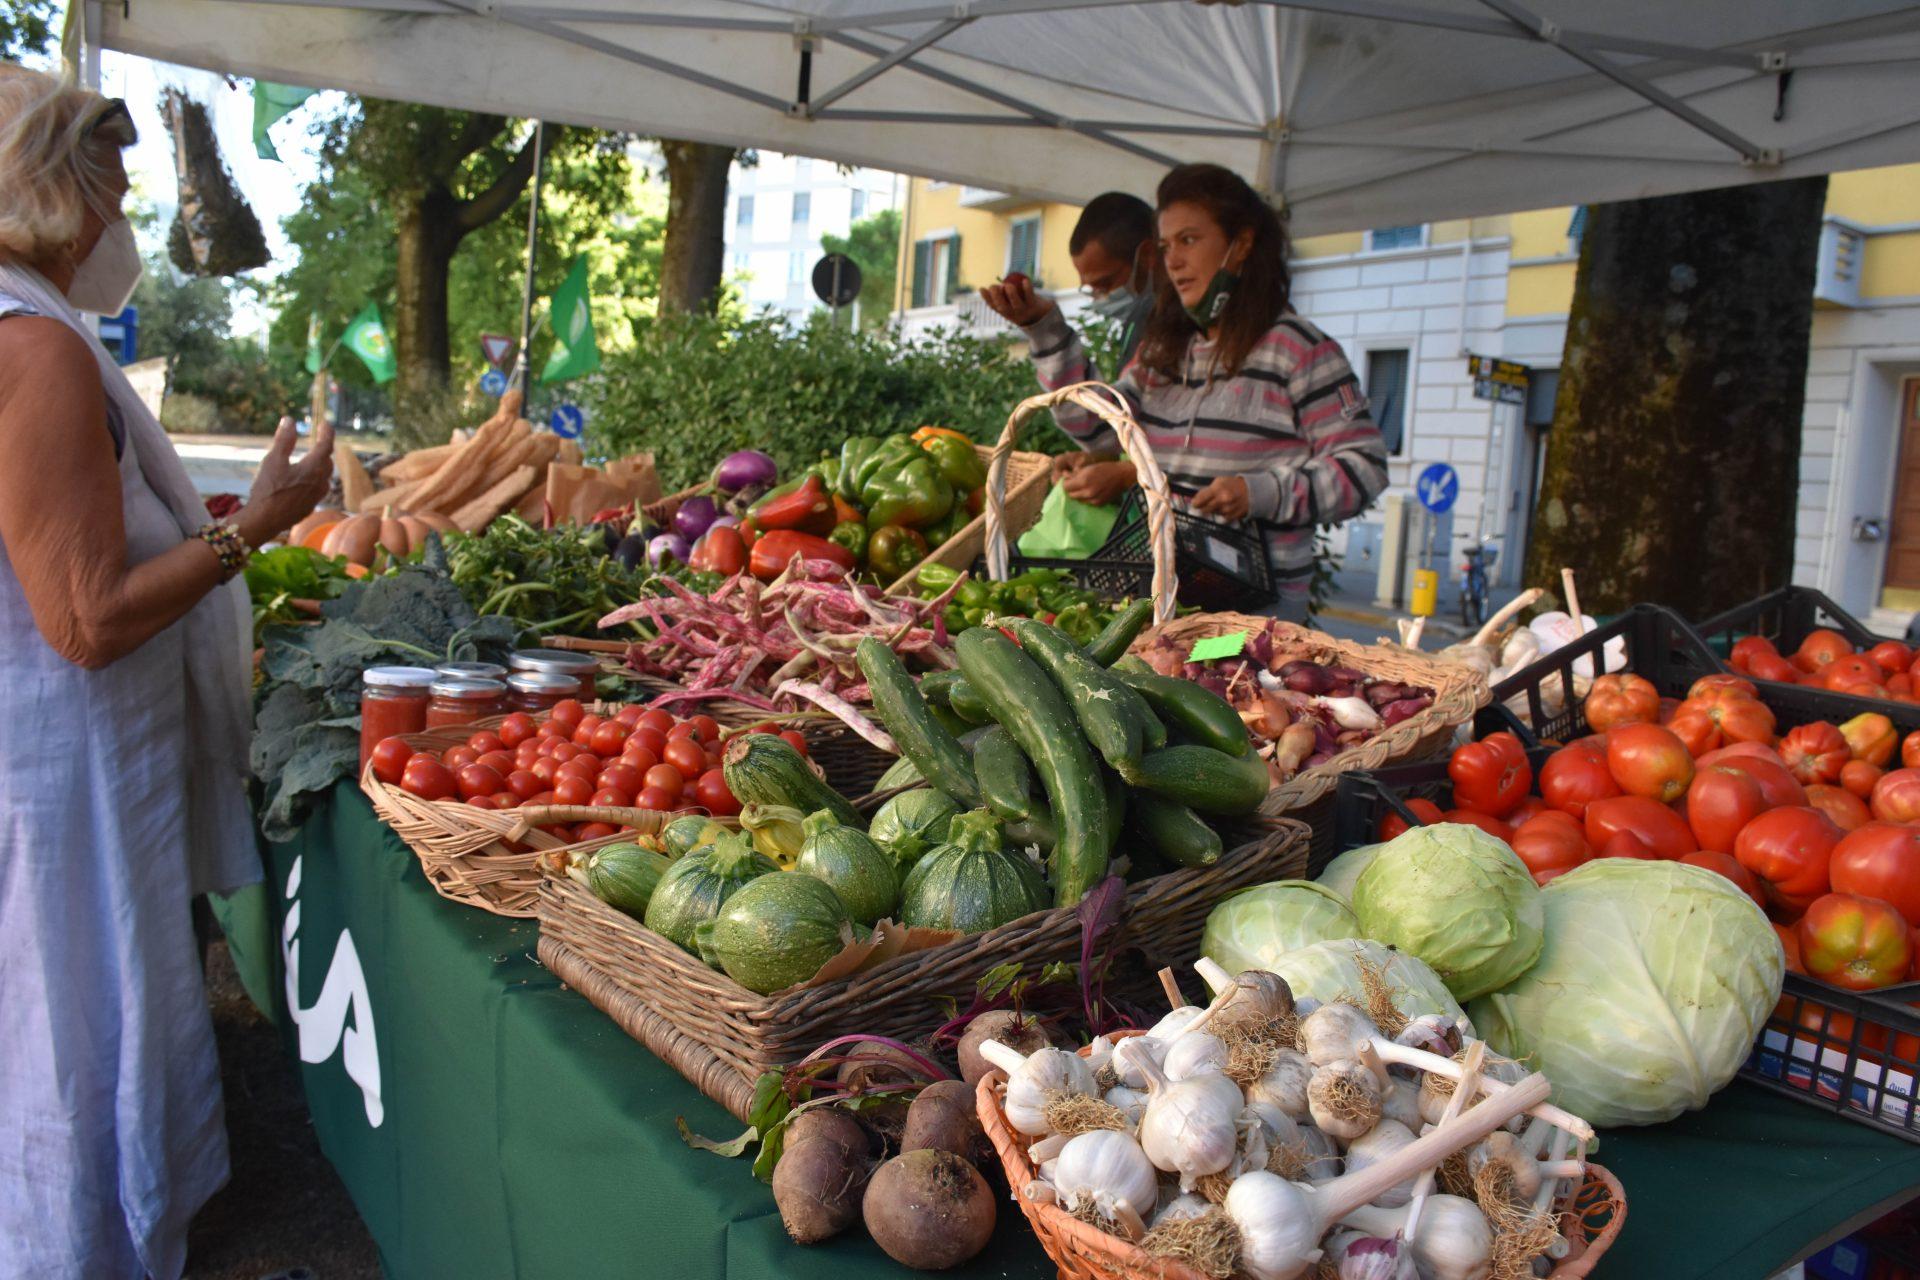 Prodotti agricoli sbarcano a Firenze. Successo per i mercati contadini Spesa in Campagna Cia aperti a Novoli e Campo di Marte